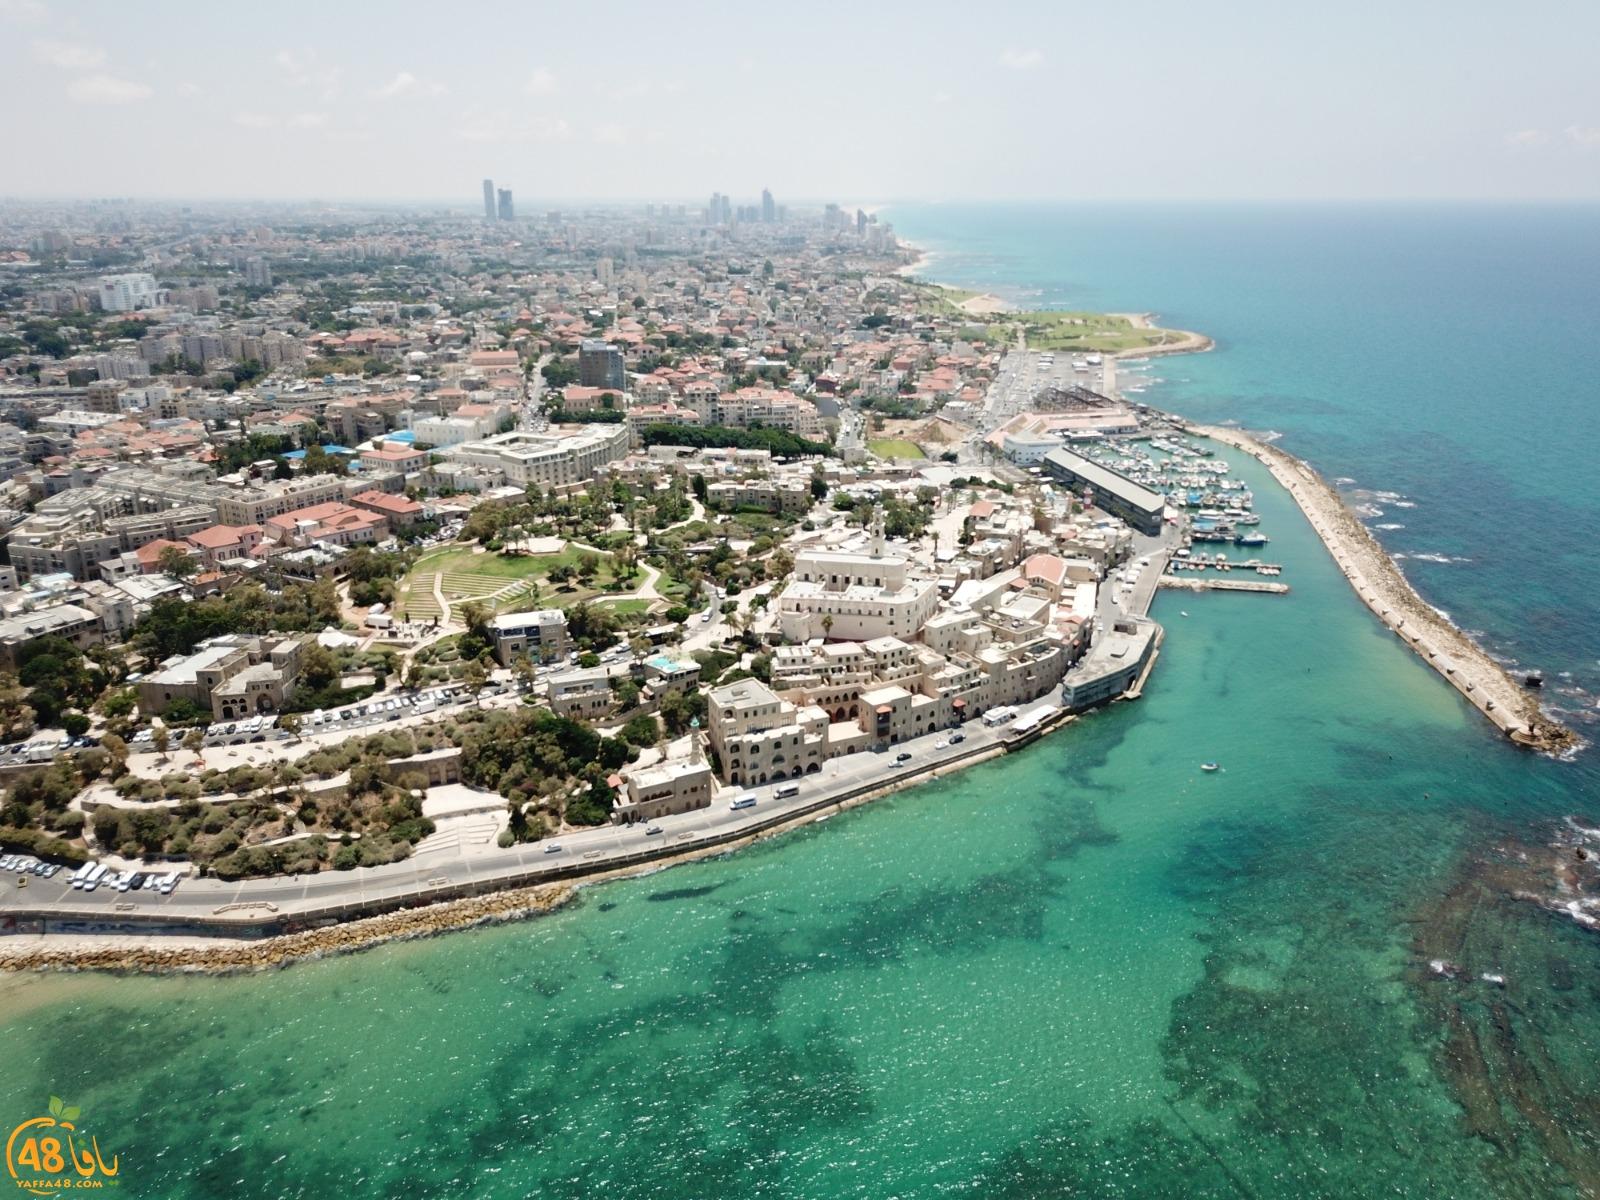 صور جويّة ساحرة لمدينة يافا الجميلة